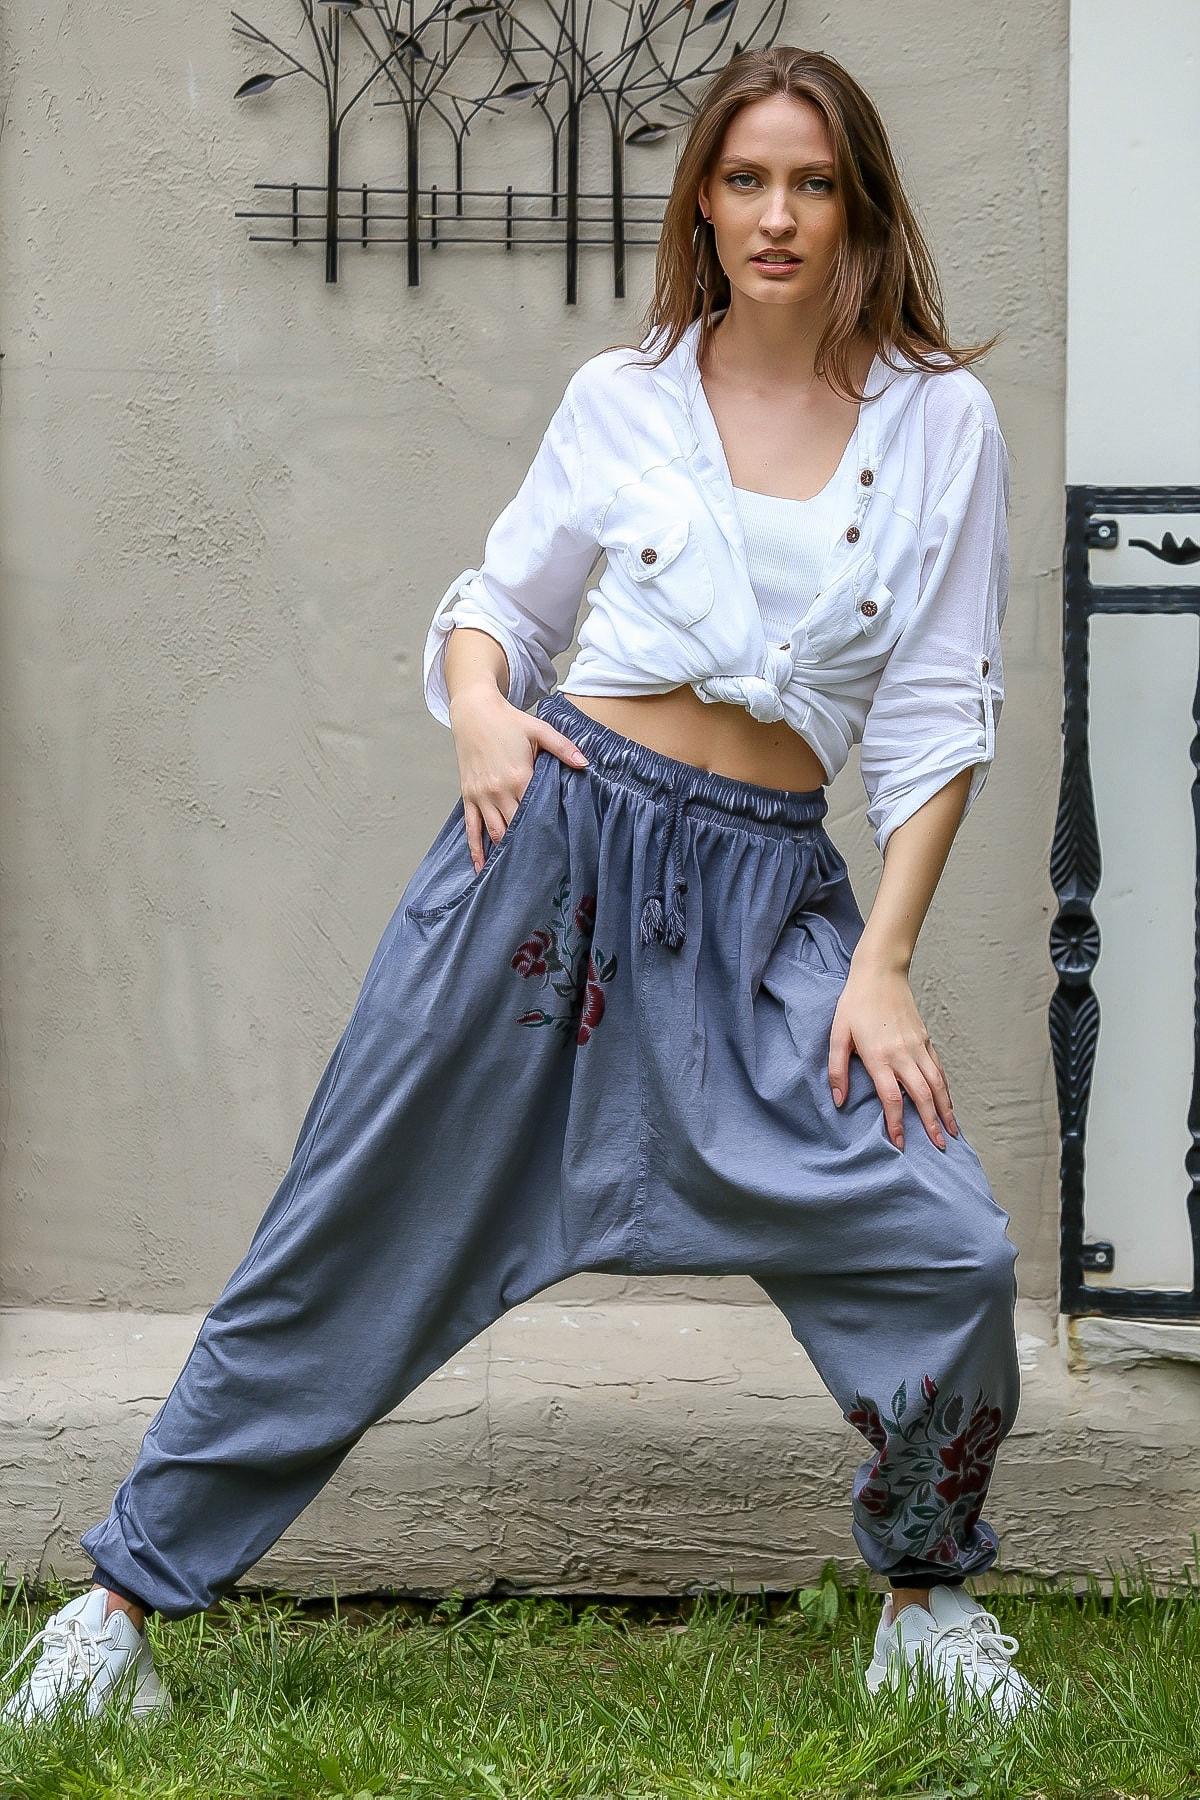 Chiccy Kadın Mavi Gül Baskılı Cepli Salaş Yıkamalı Şalvar Pantolon M10060000PN98860 3